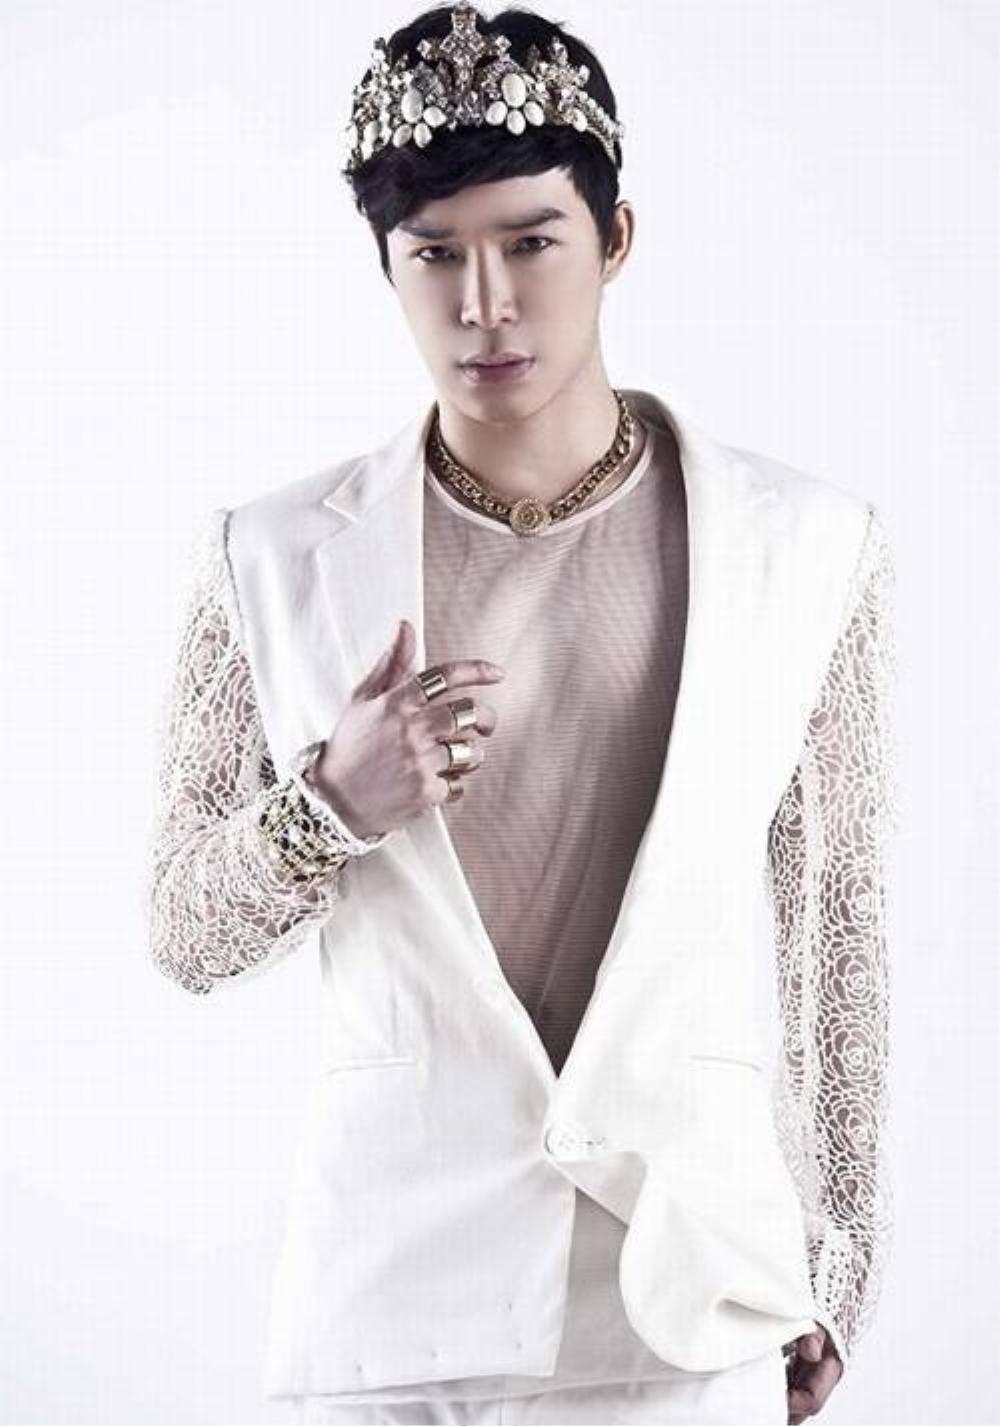 Xuất thân là người mẫu, Nathan Lee cũng là một trong những sao nam chịu chi cho hình ảnh. Bên cạnh quần áo, phụ kiện hay trang sức là những món đồ không thể thiếu của nam ca sĩ.